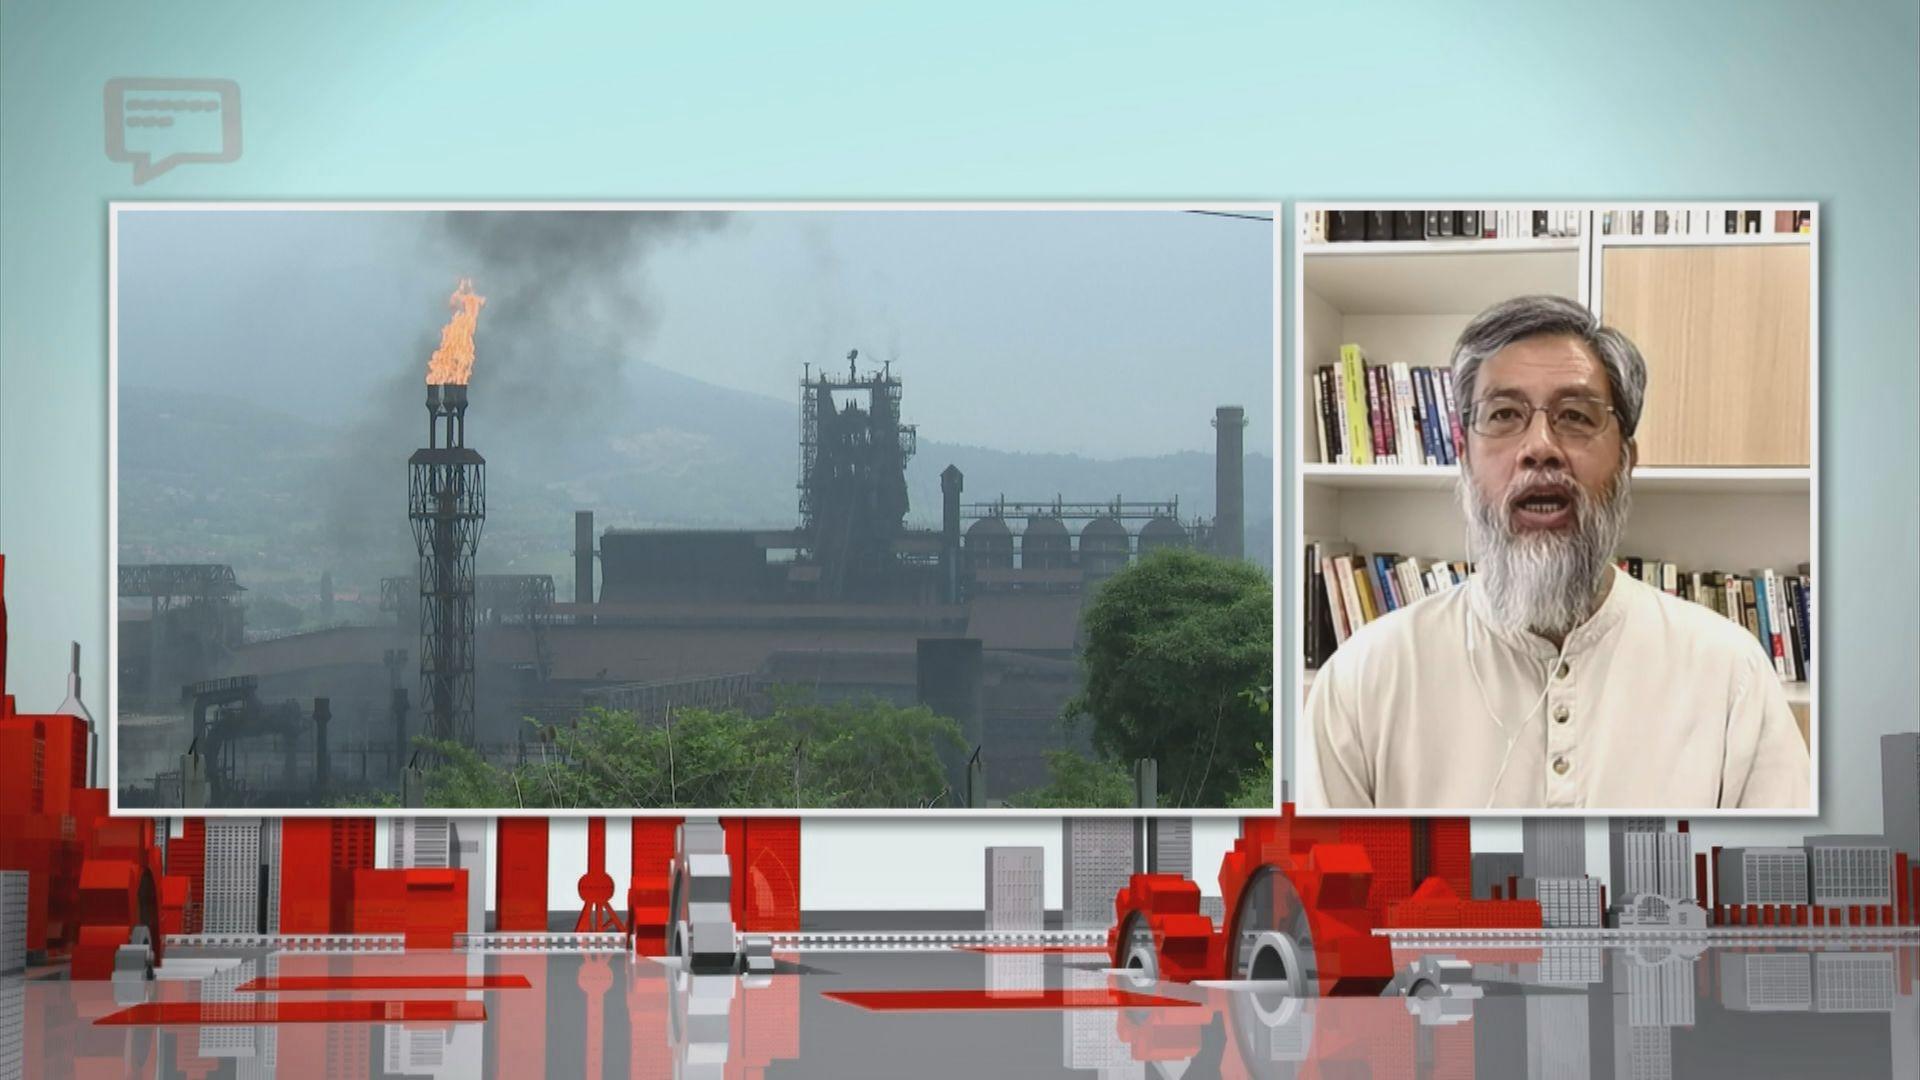 【中國評論】減碳排放承諾/重新放寬簽證限制